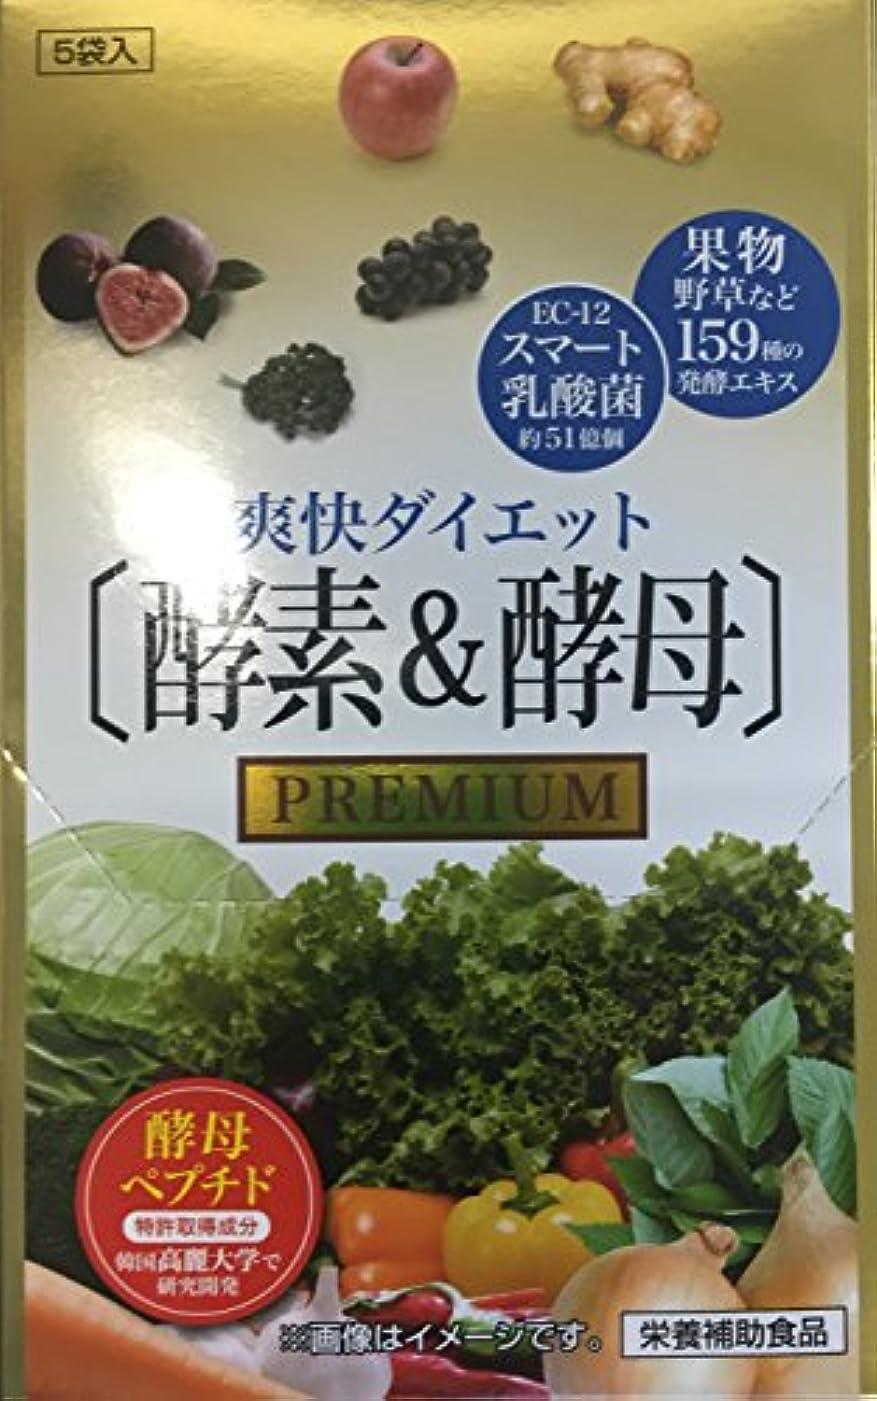 落ち着かない黒錫マルマン 爽快ダイエット 酵素&酵母プレミアム 66粒×5袋